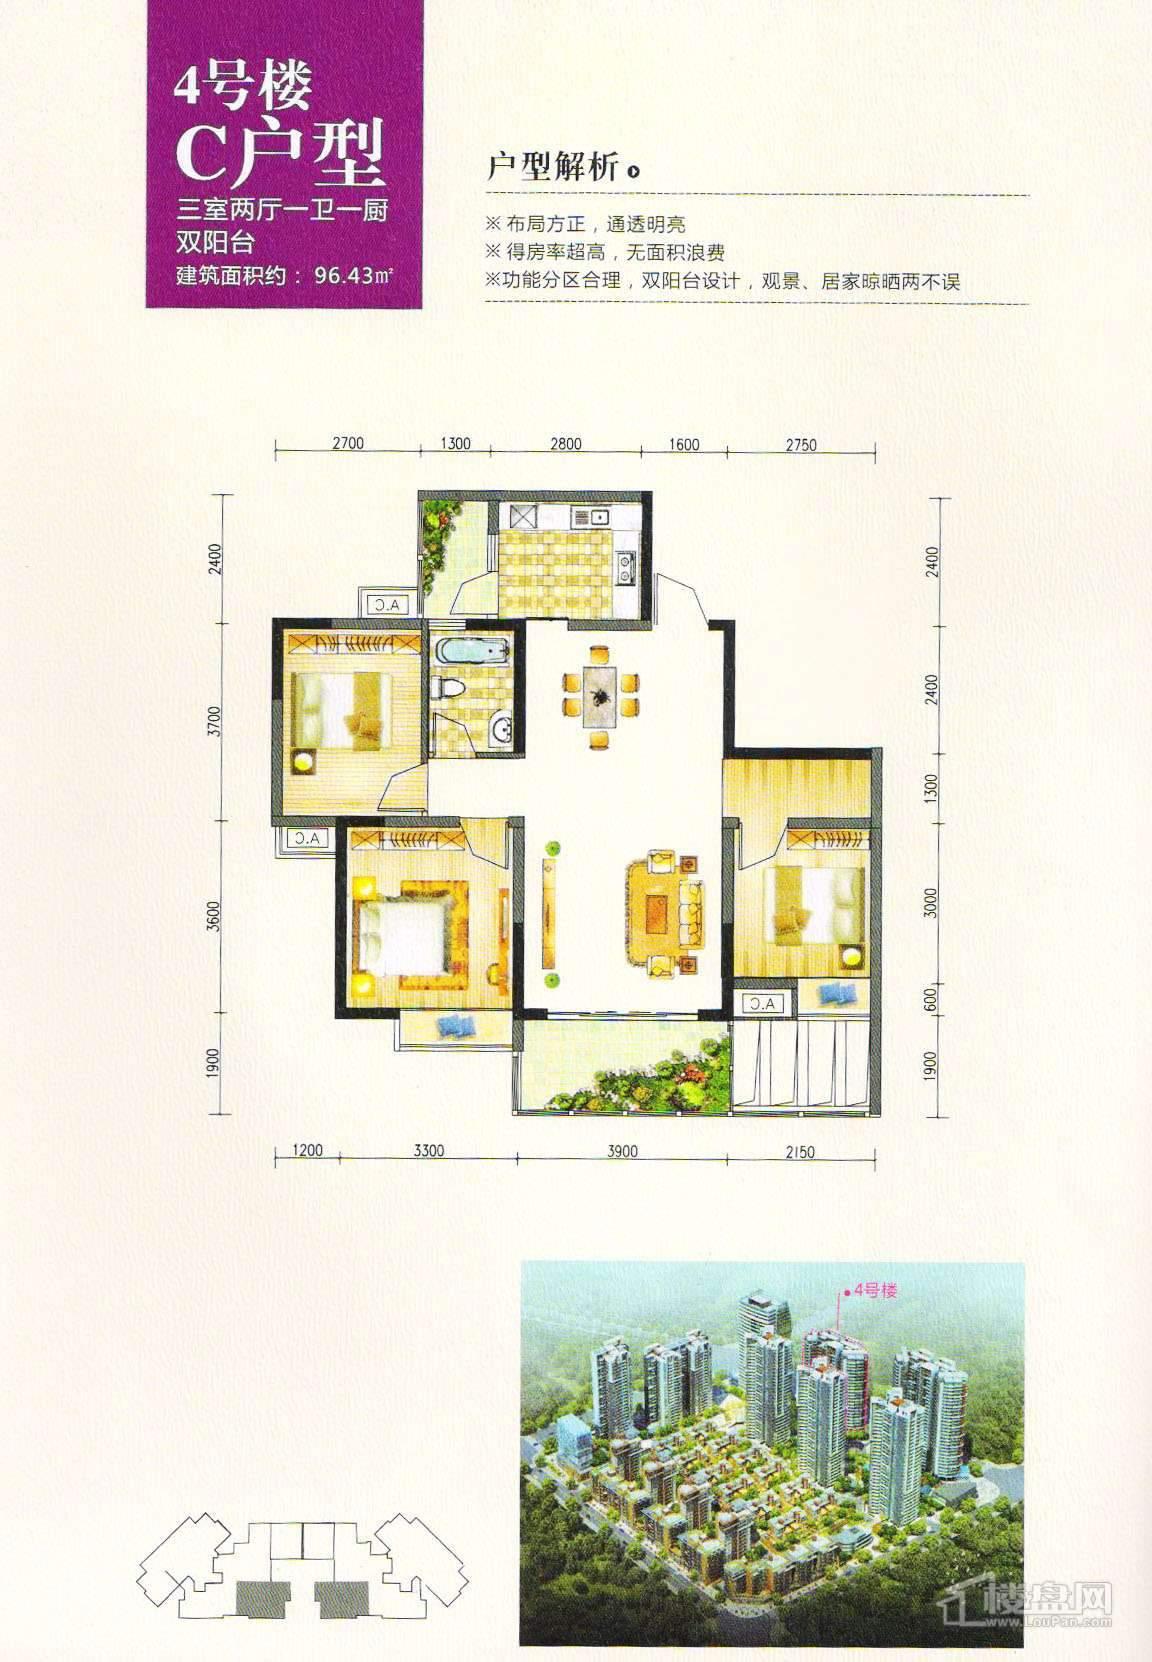 金龙星岛国际广场户型图